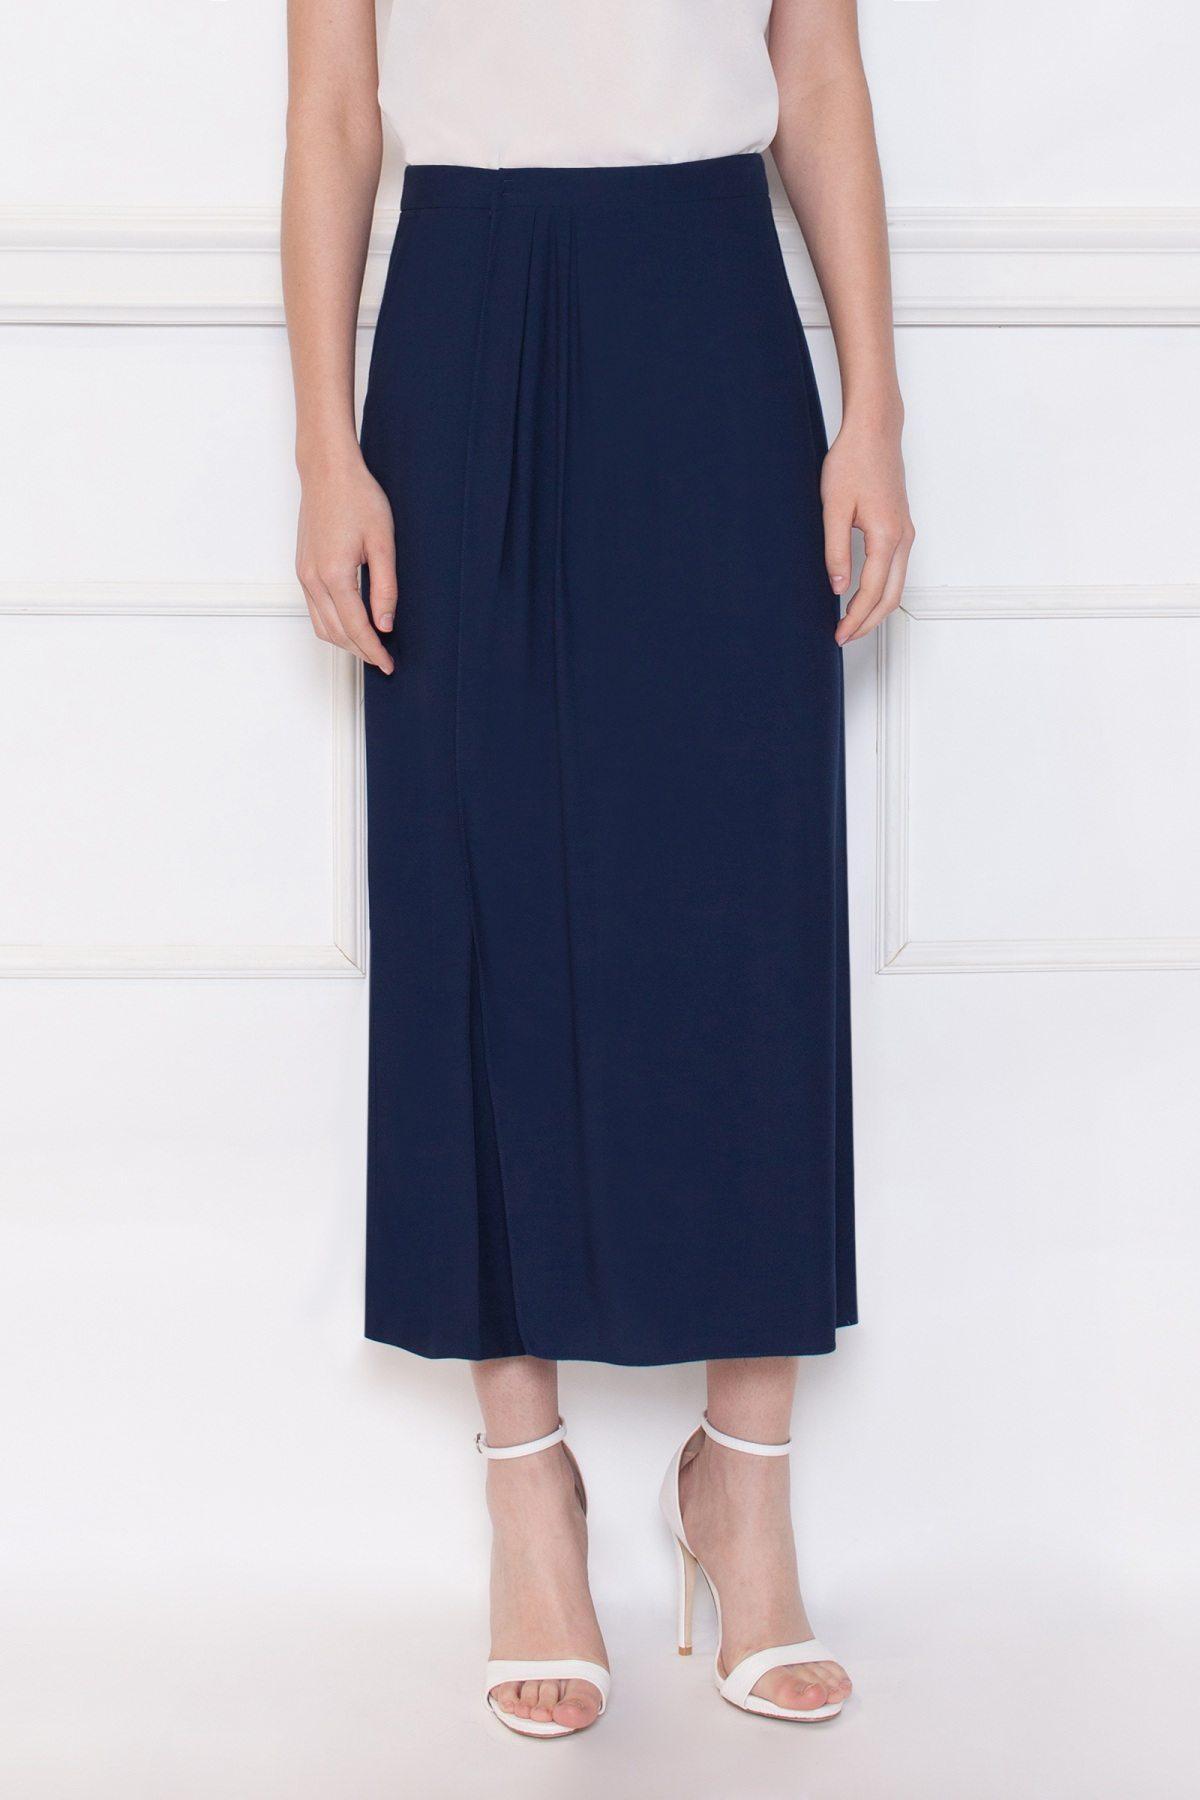 Pantaloni culotte din vascoza Bleumarin